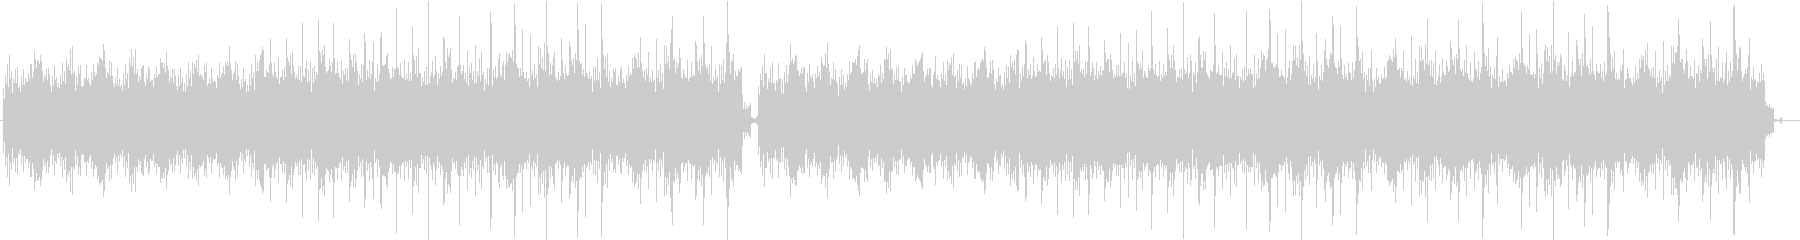 透明感あるピアノソロの未再生の波形